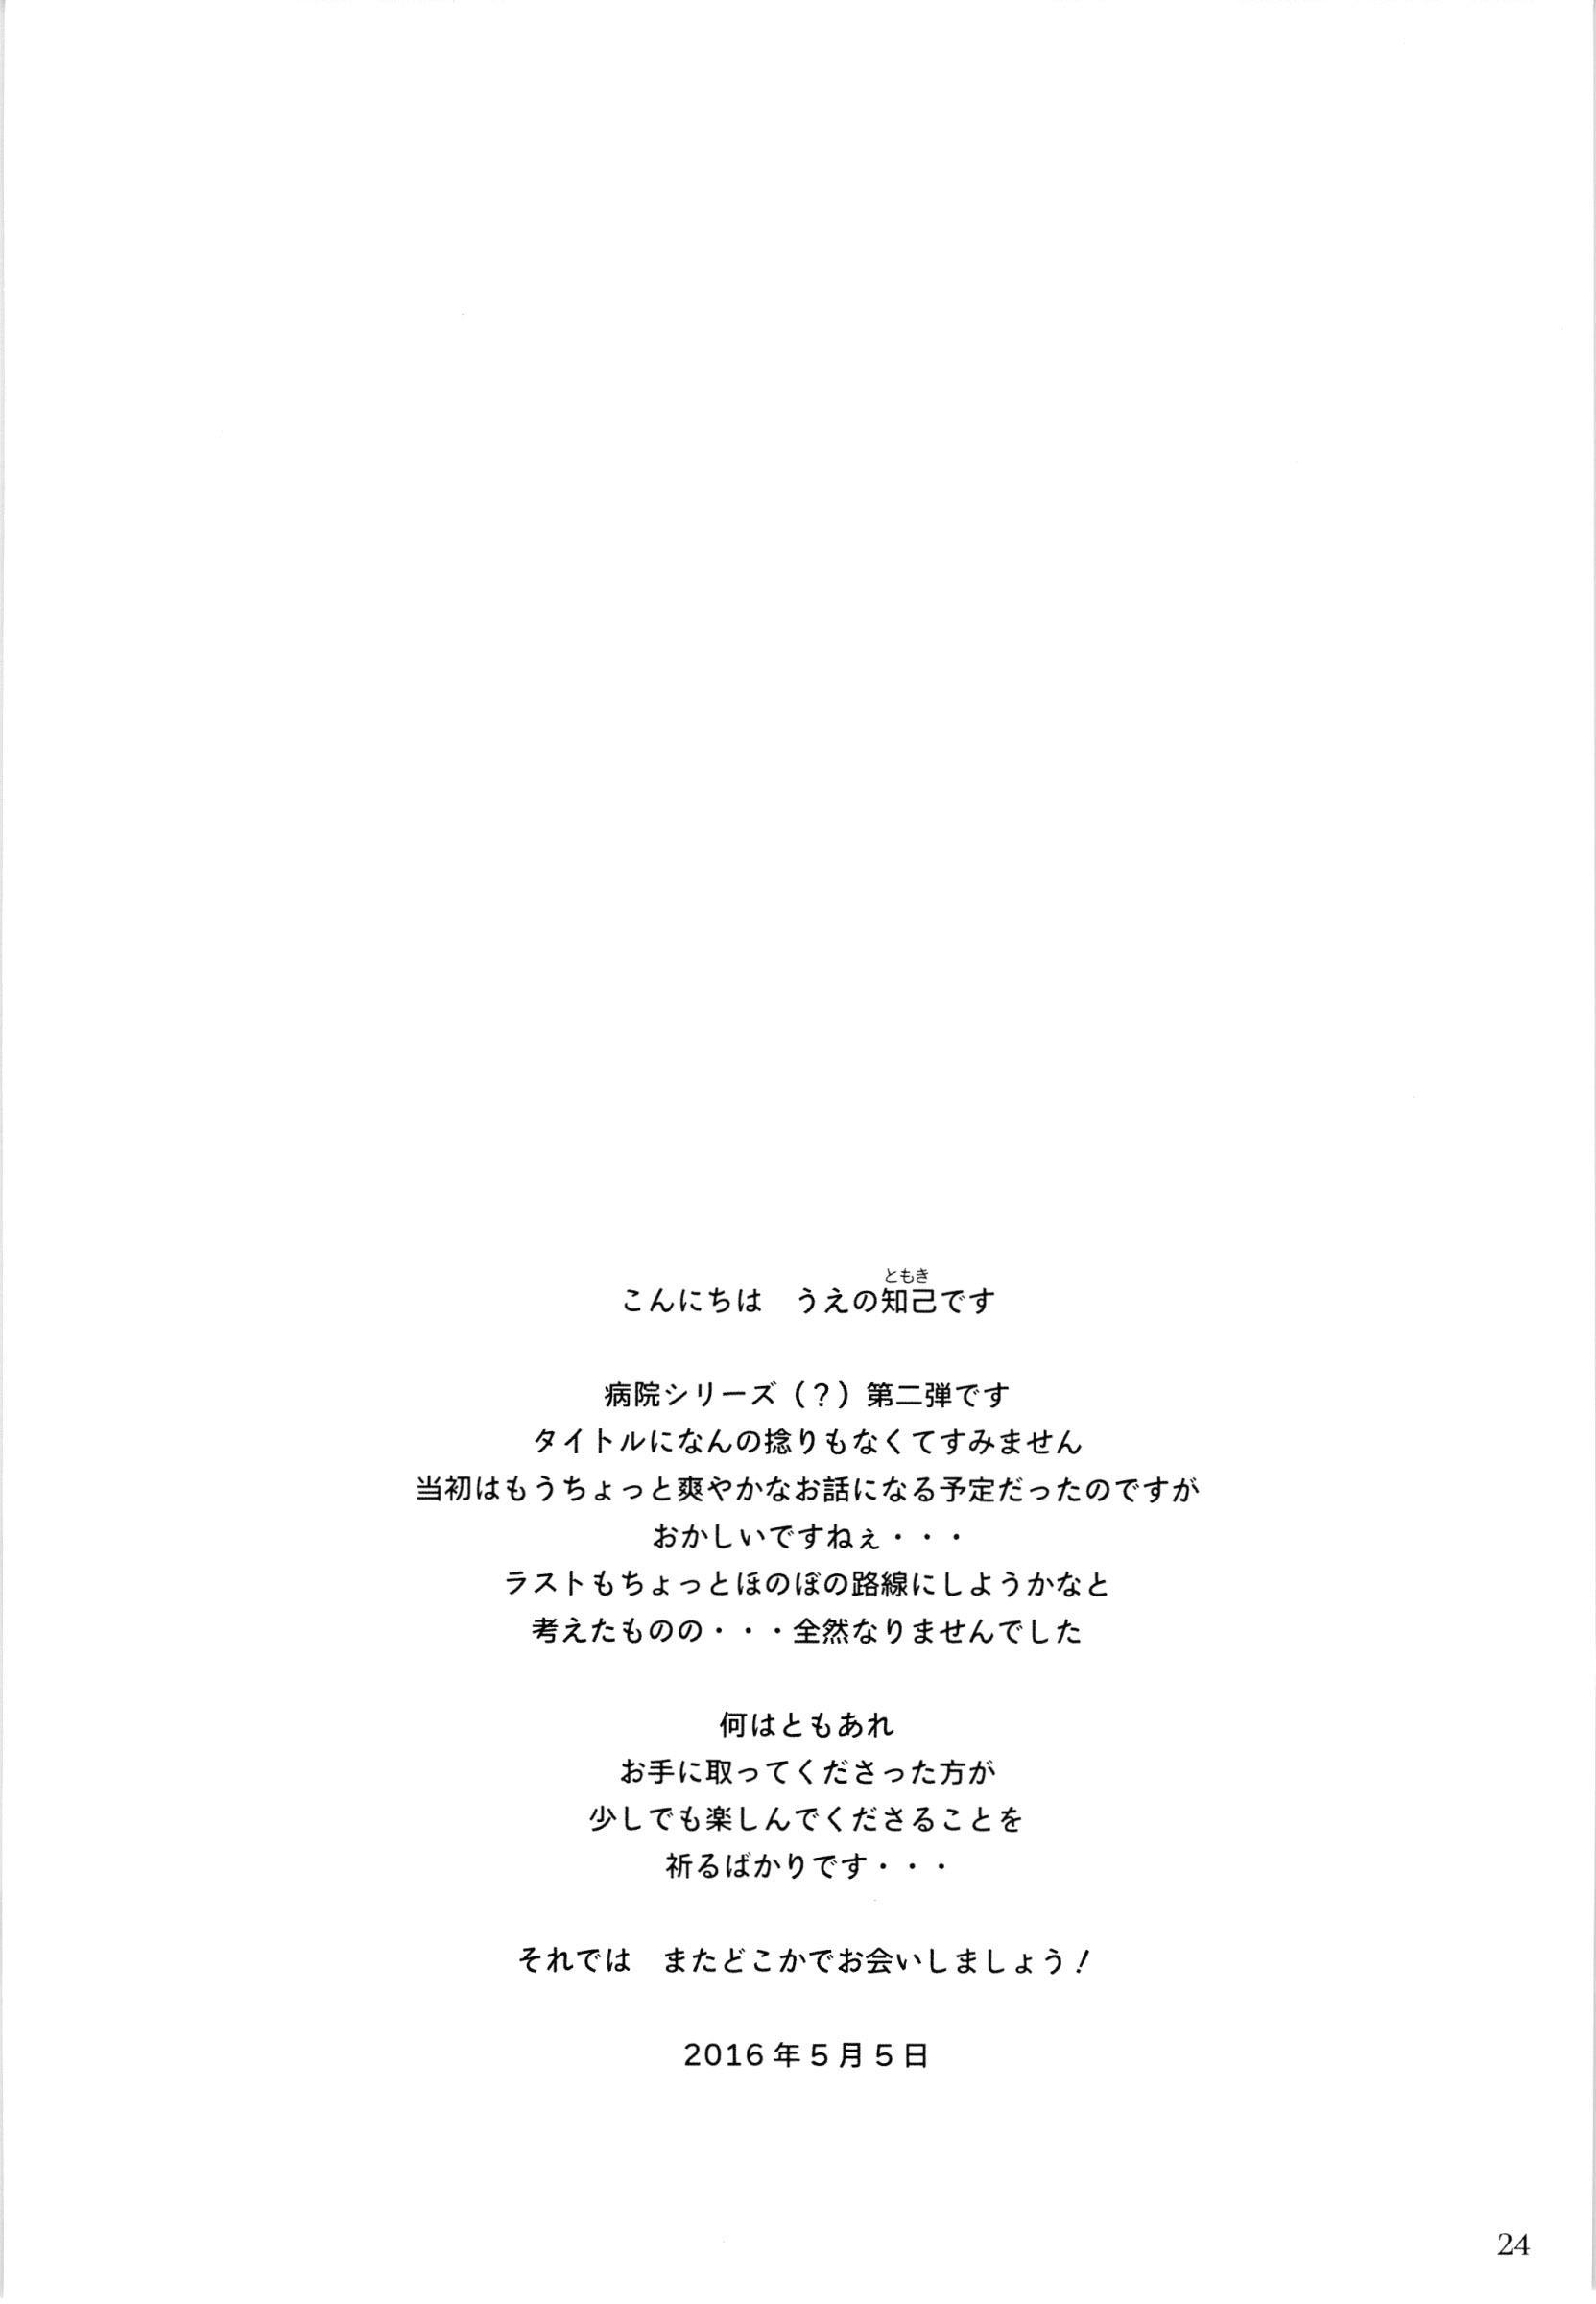 Umibe no Machi Shouni Byoutou Tokubetsushitsu 2-gou 22